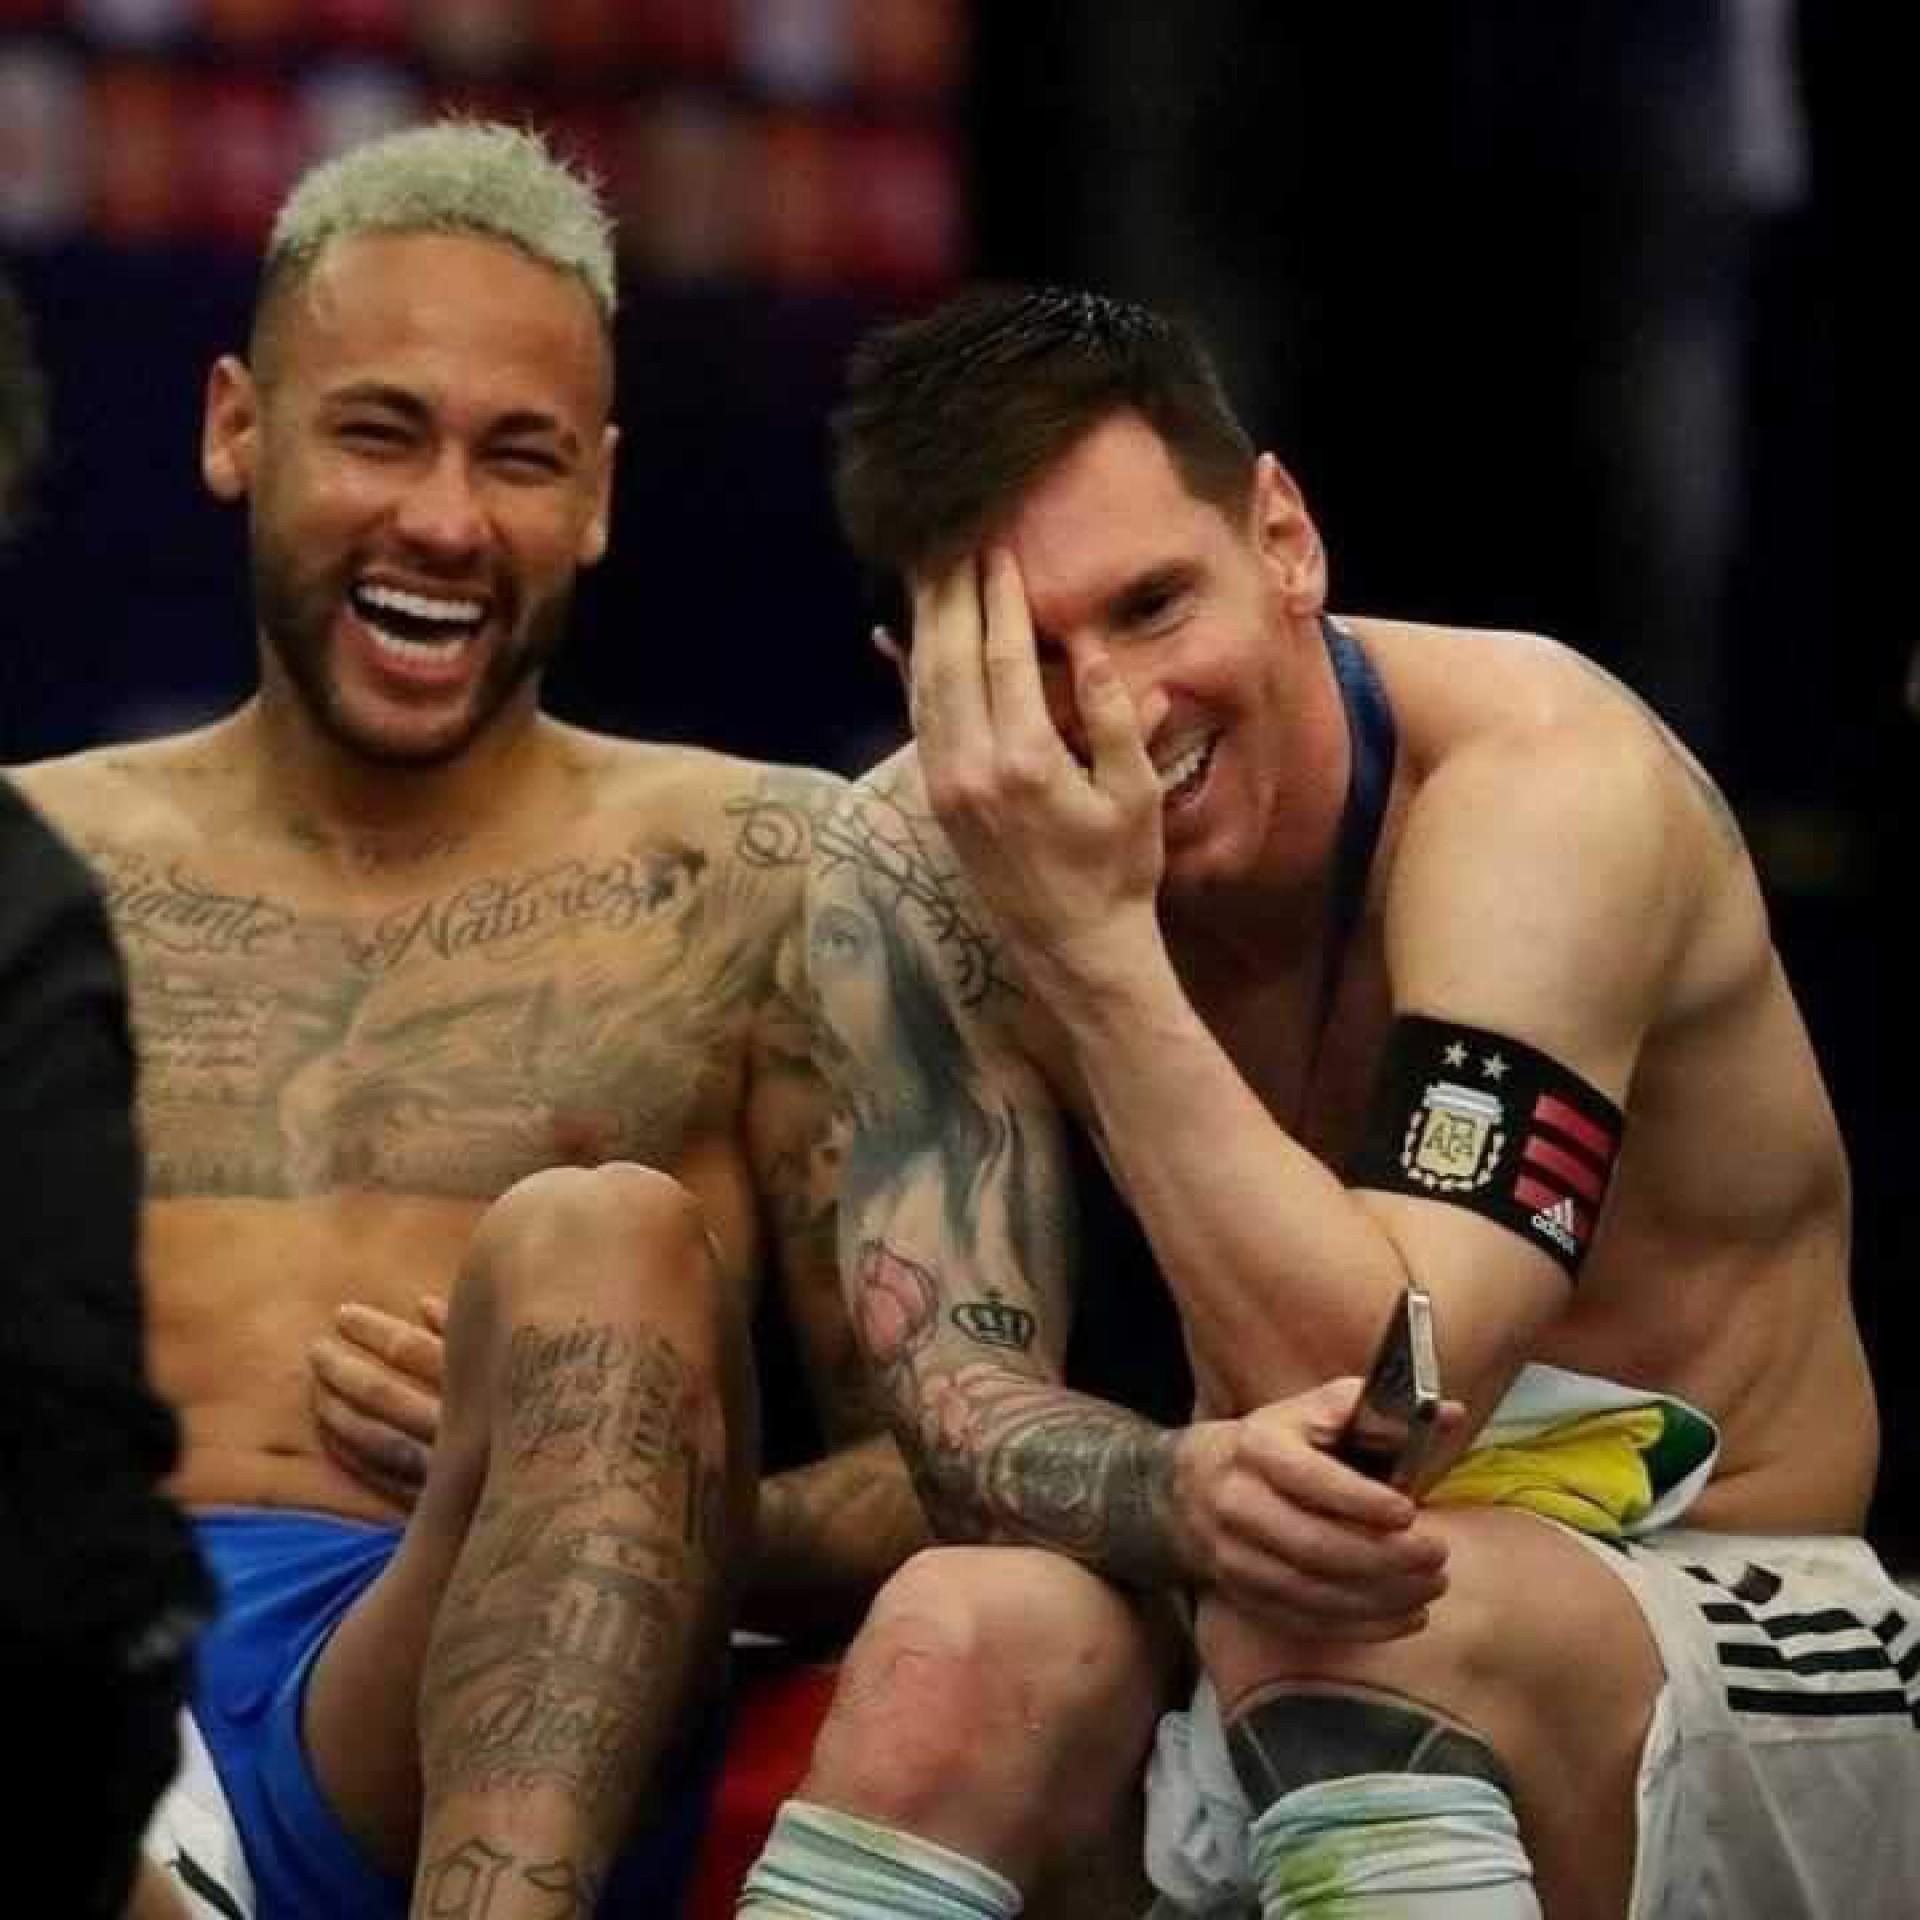 Pelo que vale a pena. Os jogadores Neymar e MessI, que em seus  respectivos times Brasil e Argentina, disputaram a EuroCopa 2021, eram no gramado dois adversários, mas depois do jogo terminar, a dupla, lá no vestuário (cenário desta foto), se curtiu provando que a amizade é mais forte que uma disputa esportiva (Foto: Reprodução/Twitter)